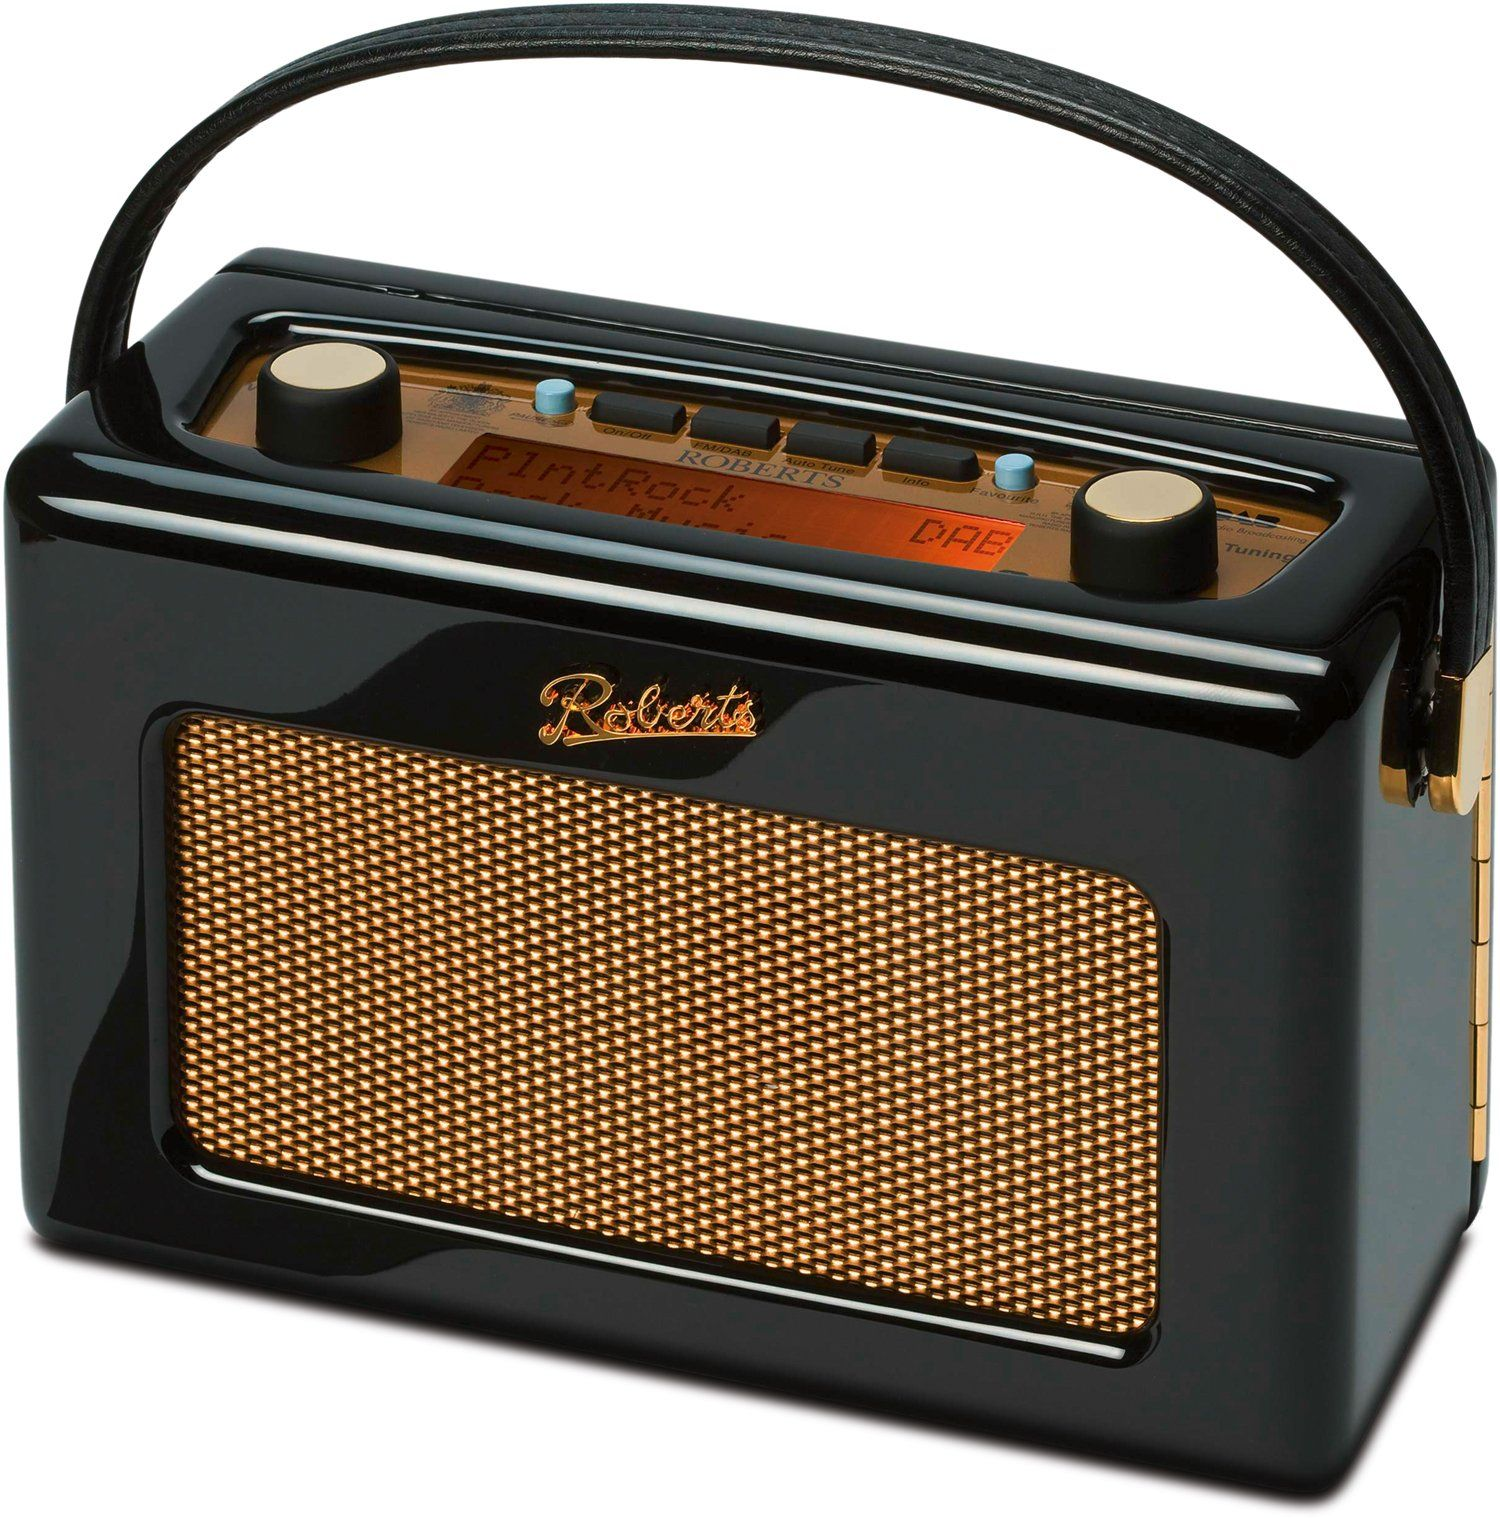 Revival Rd60 Portable Dab Dab Ukw Tuner Retro Radio Klavierlack Schwarz Amazon De Heimkino Tv Video Retro Radios Radios Retro